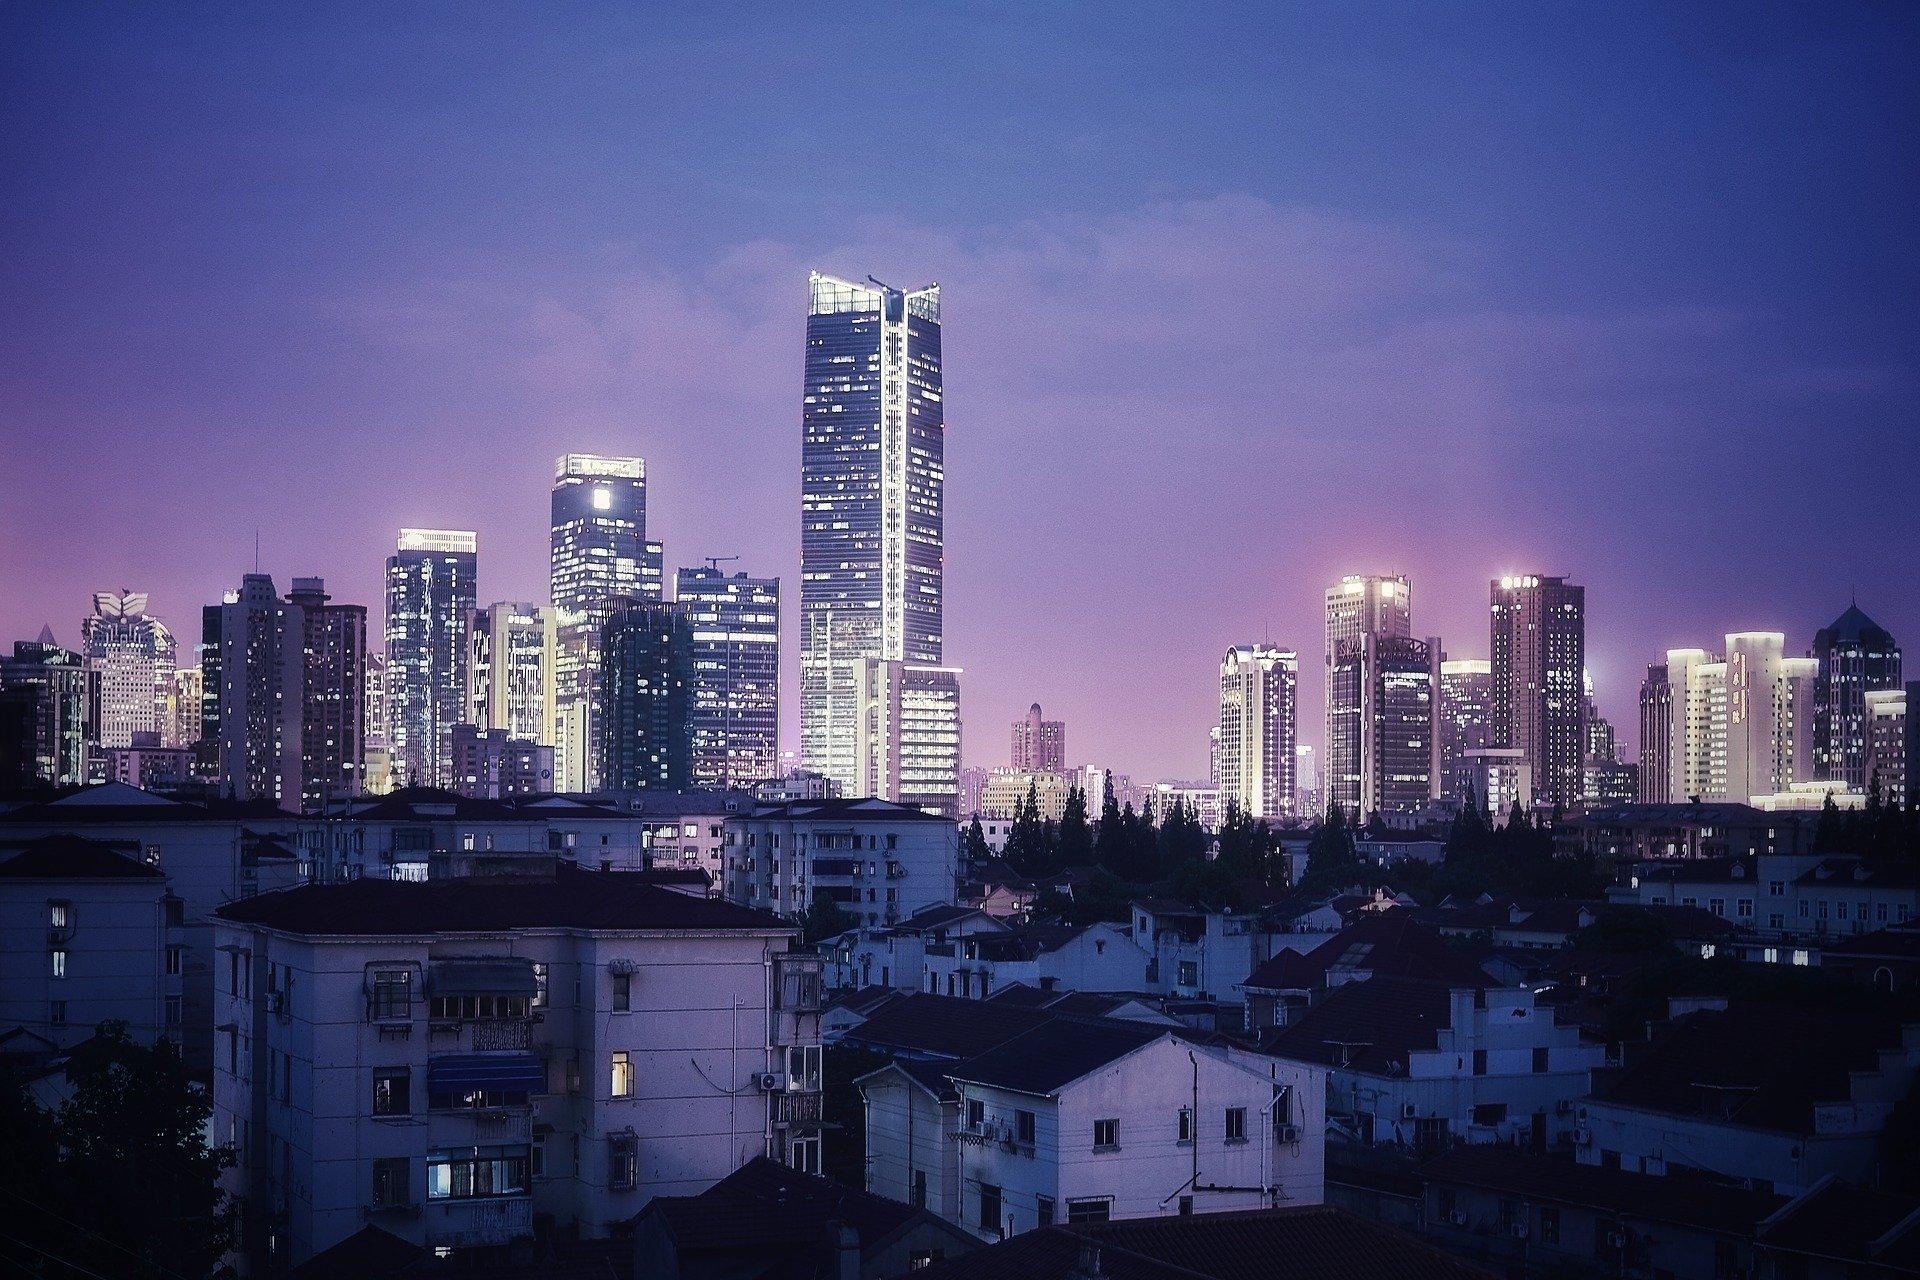 shanghai-3459422_1920.jpg